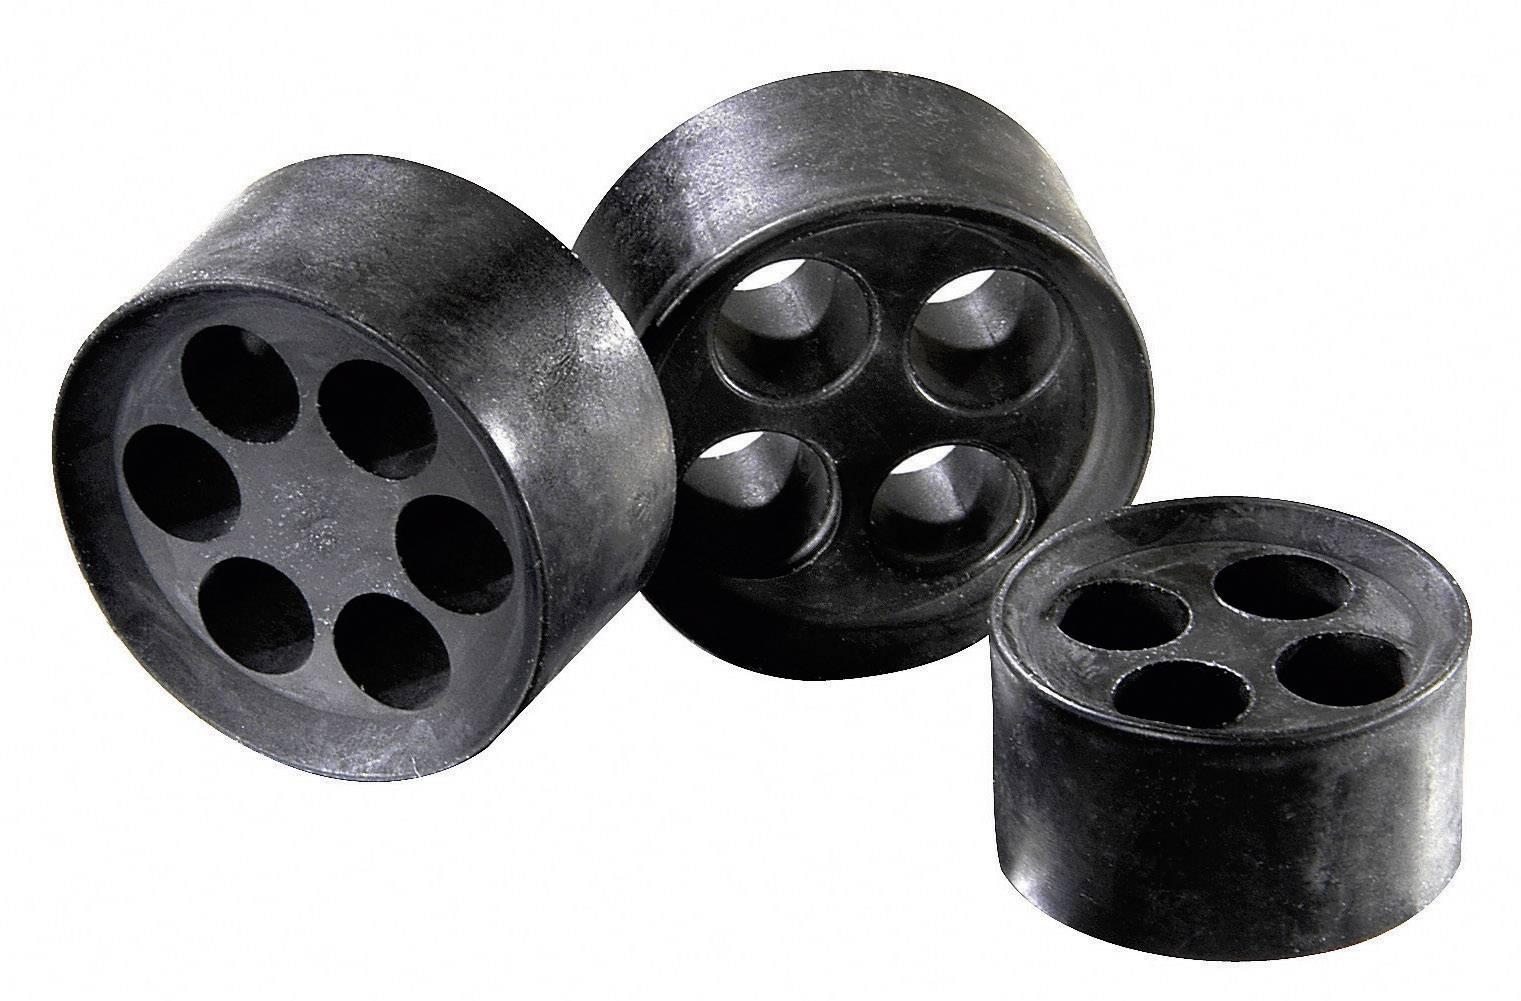 Těsnicí vložka M25 Wiska MFD 25/02/080 (10060952), IP66, M25, elastomer, černá